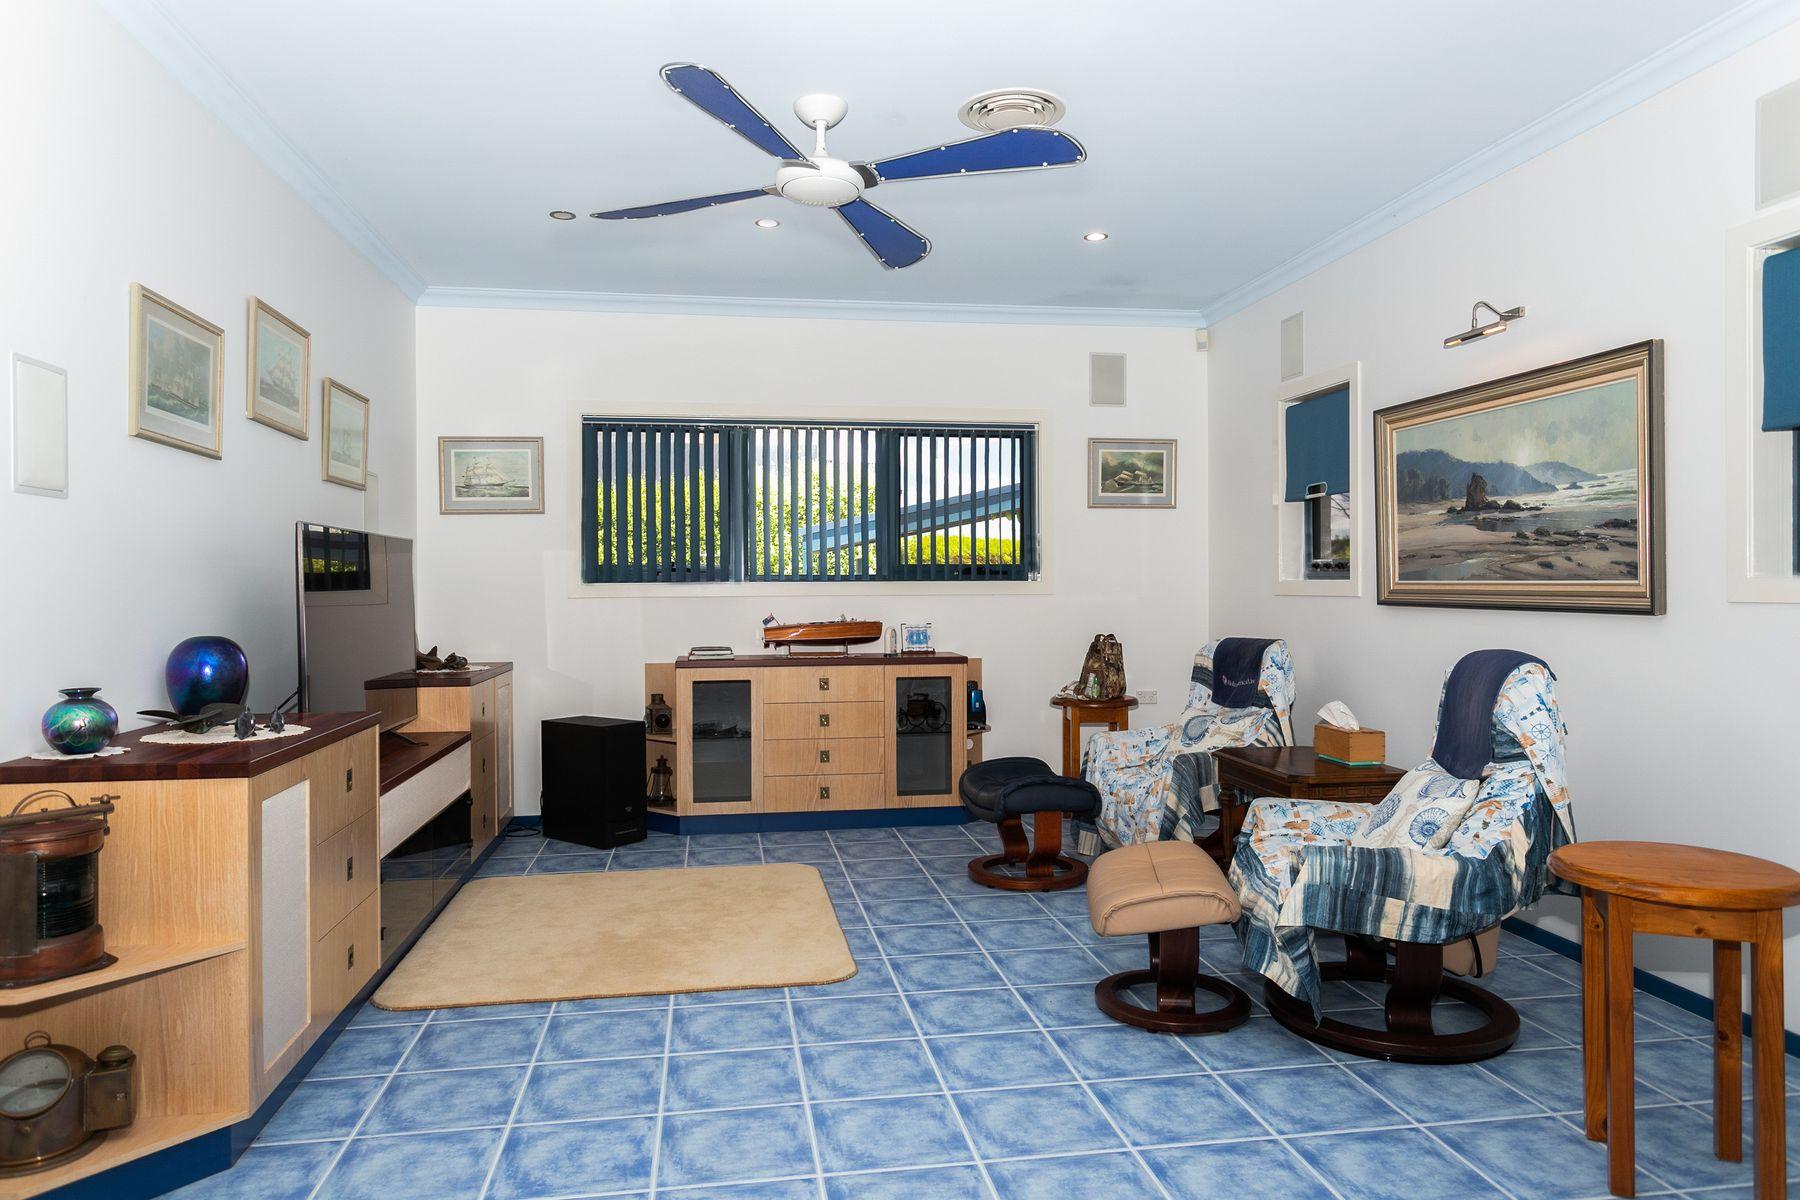 20-22 Seaview Way, Long Beach, NSW 2536